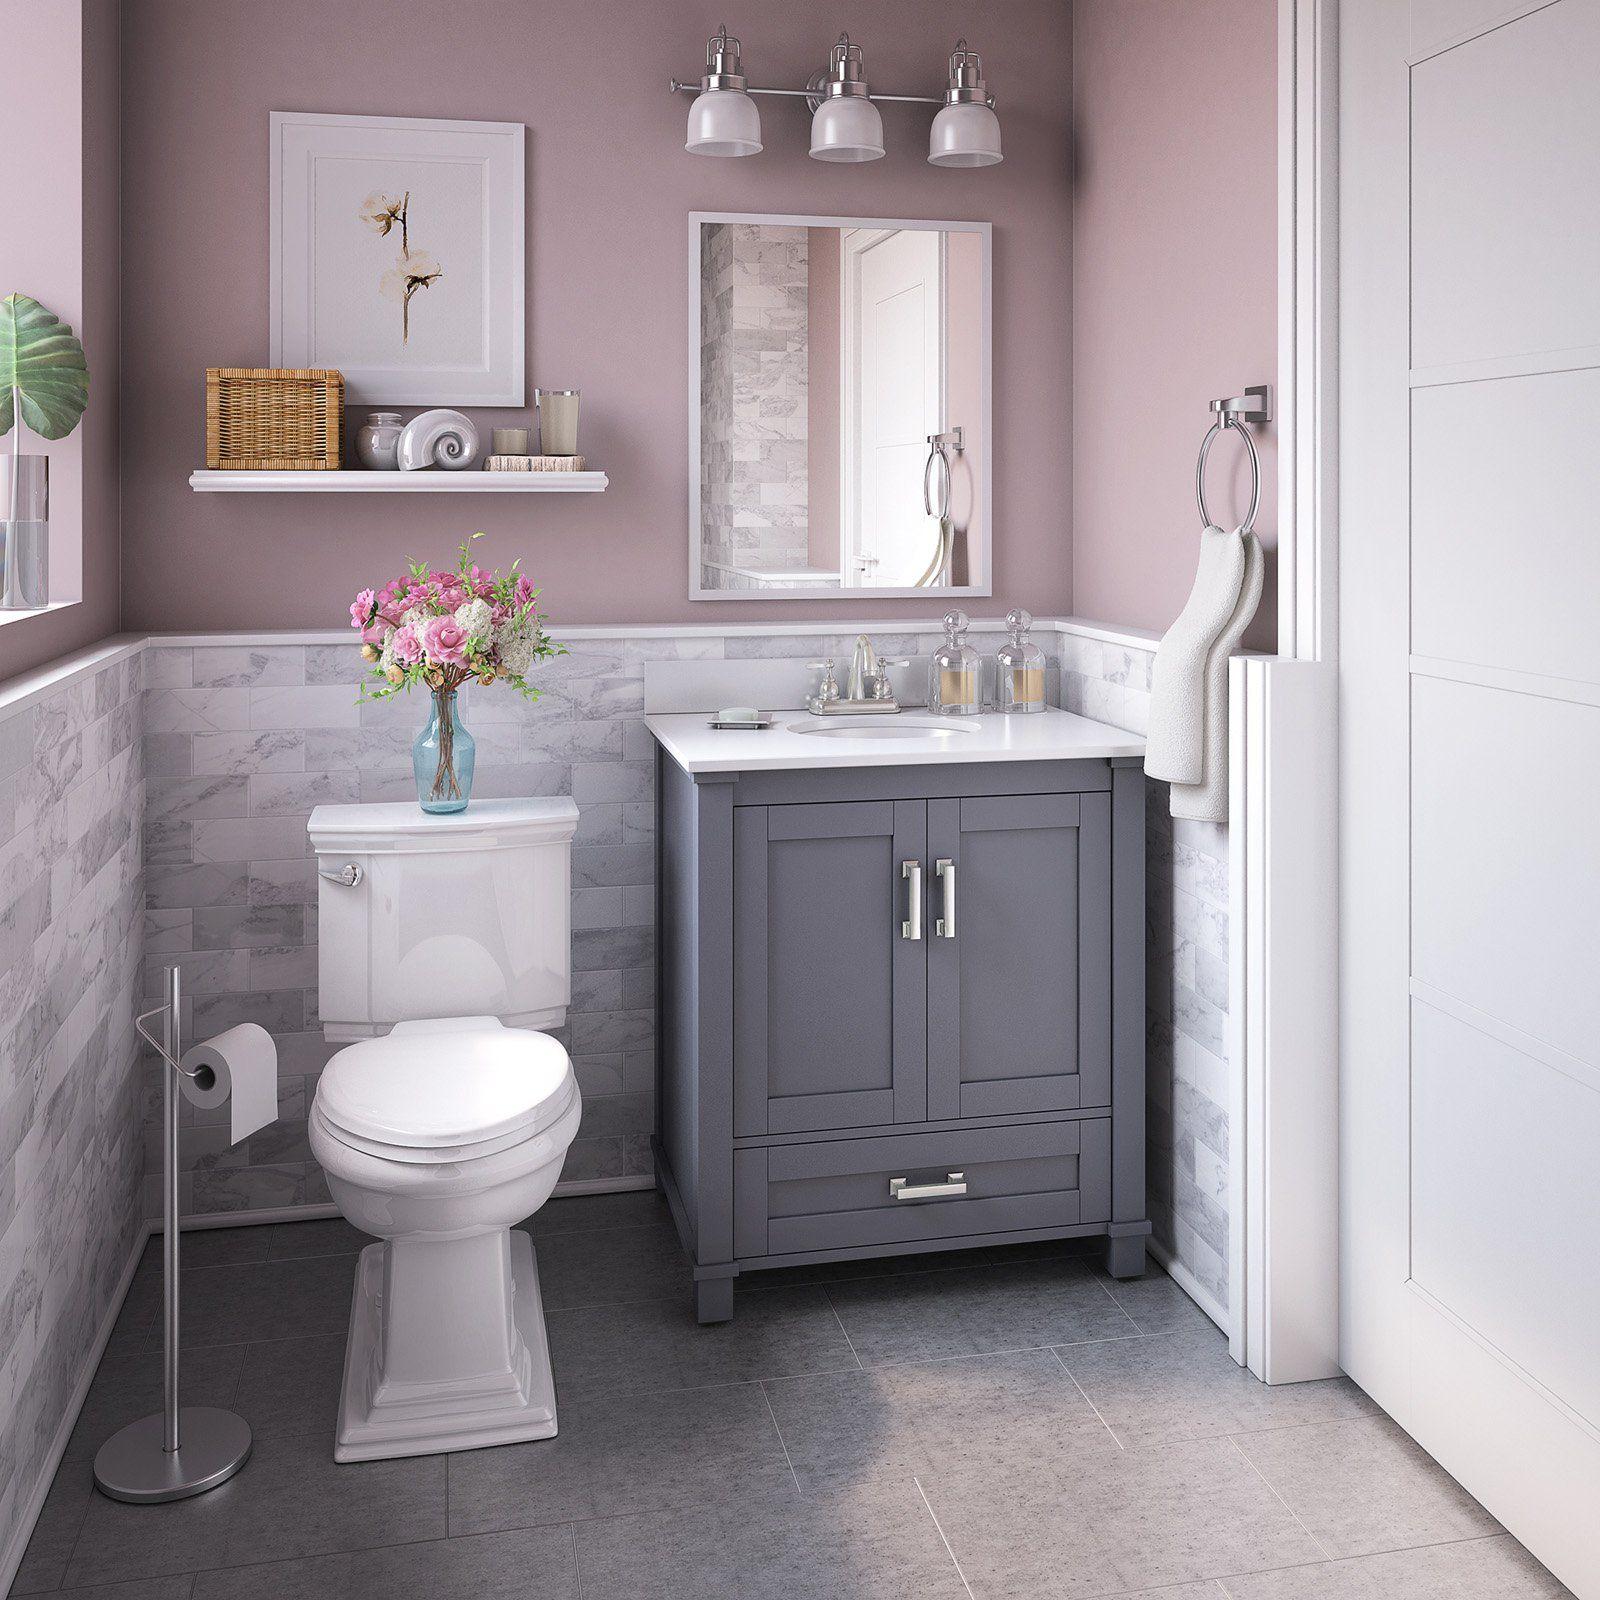 BellO Castle Point 30 in Freestanding Single Sink